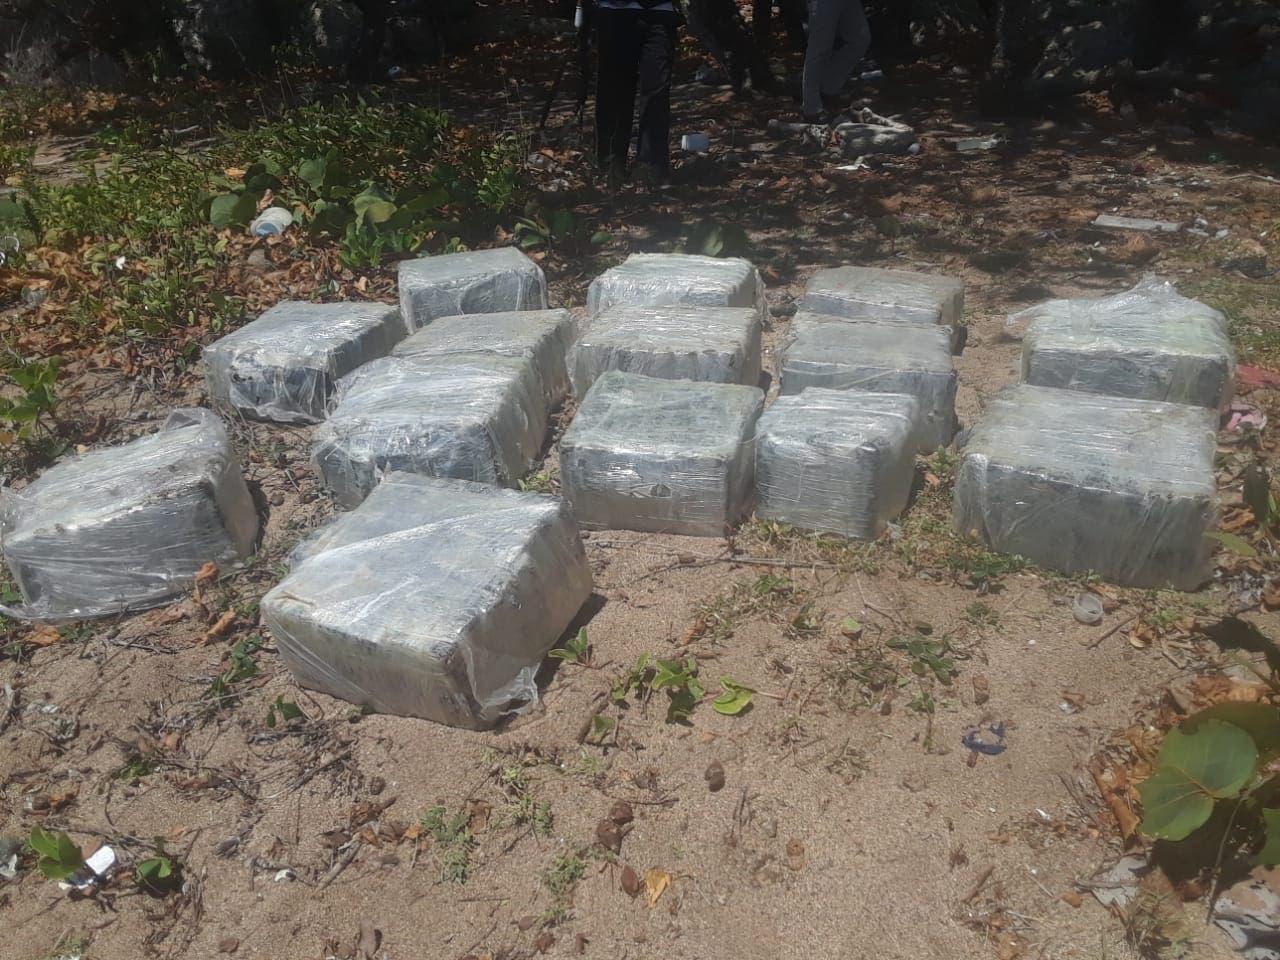 DNCD y Armada encuentran 333 paquetes de posible cocaína